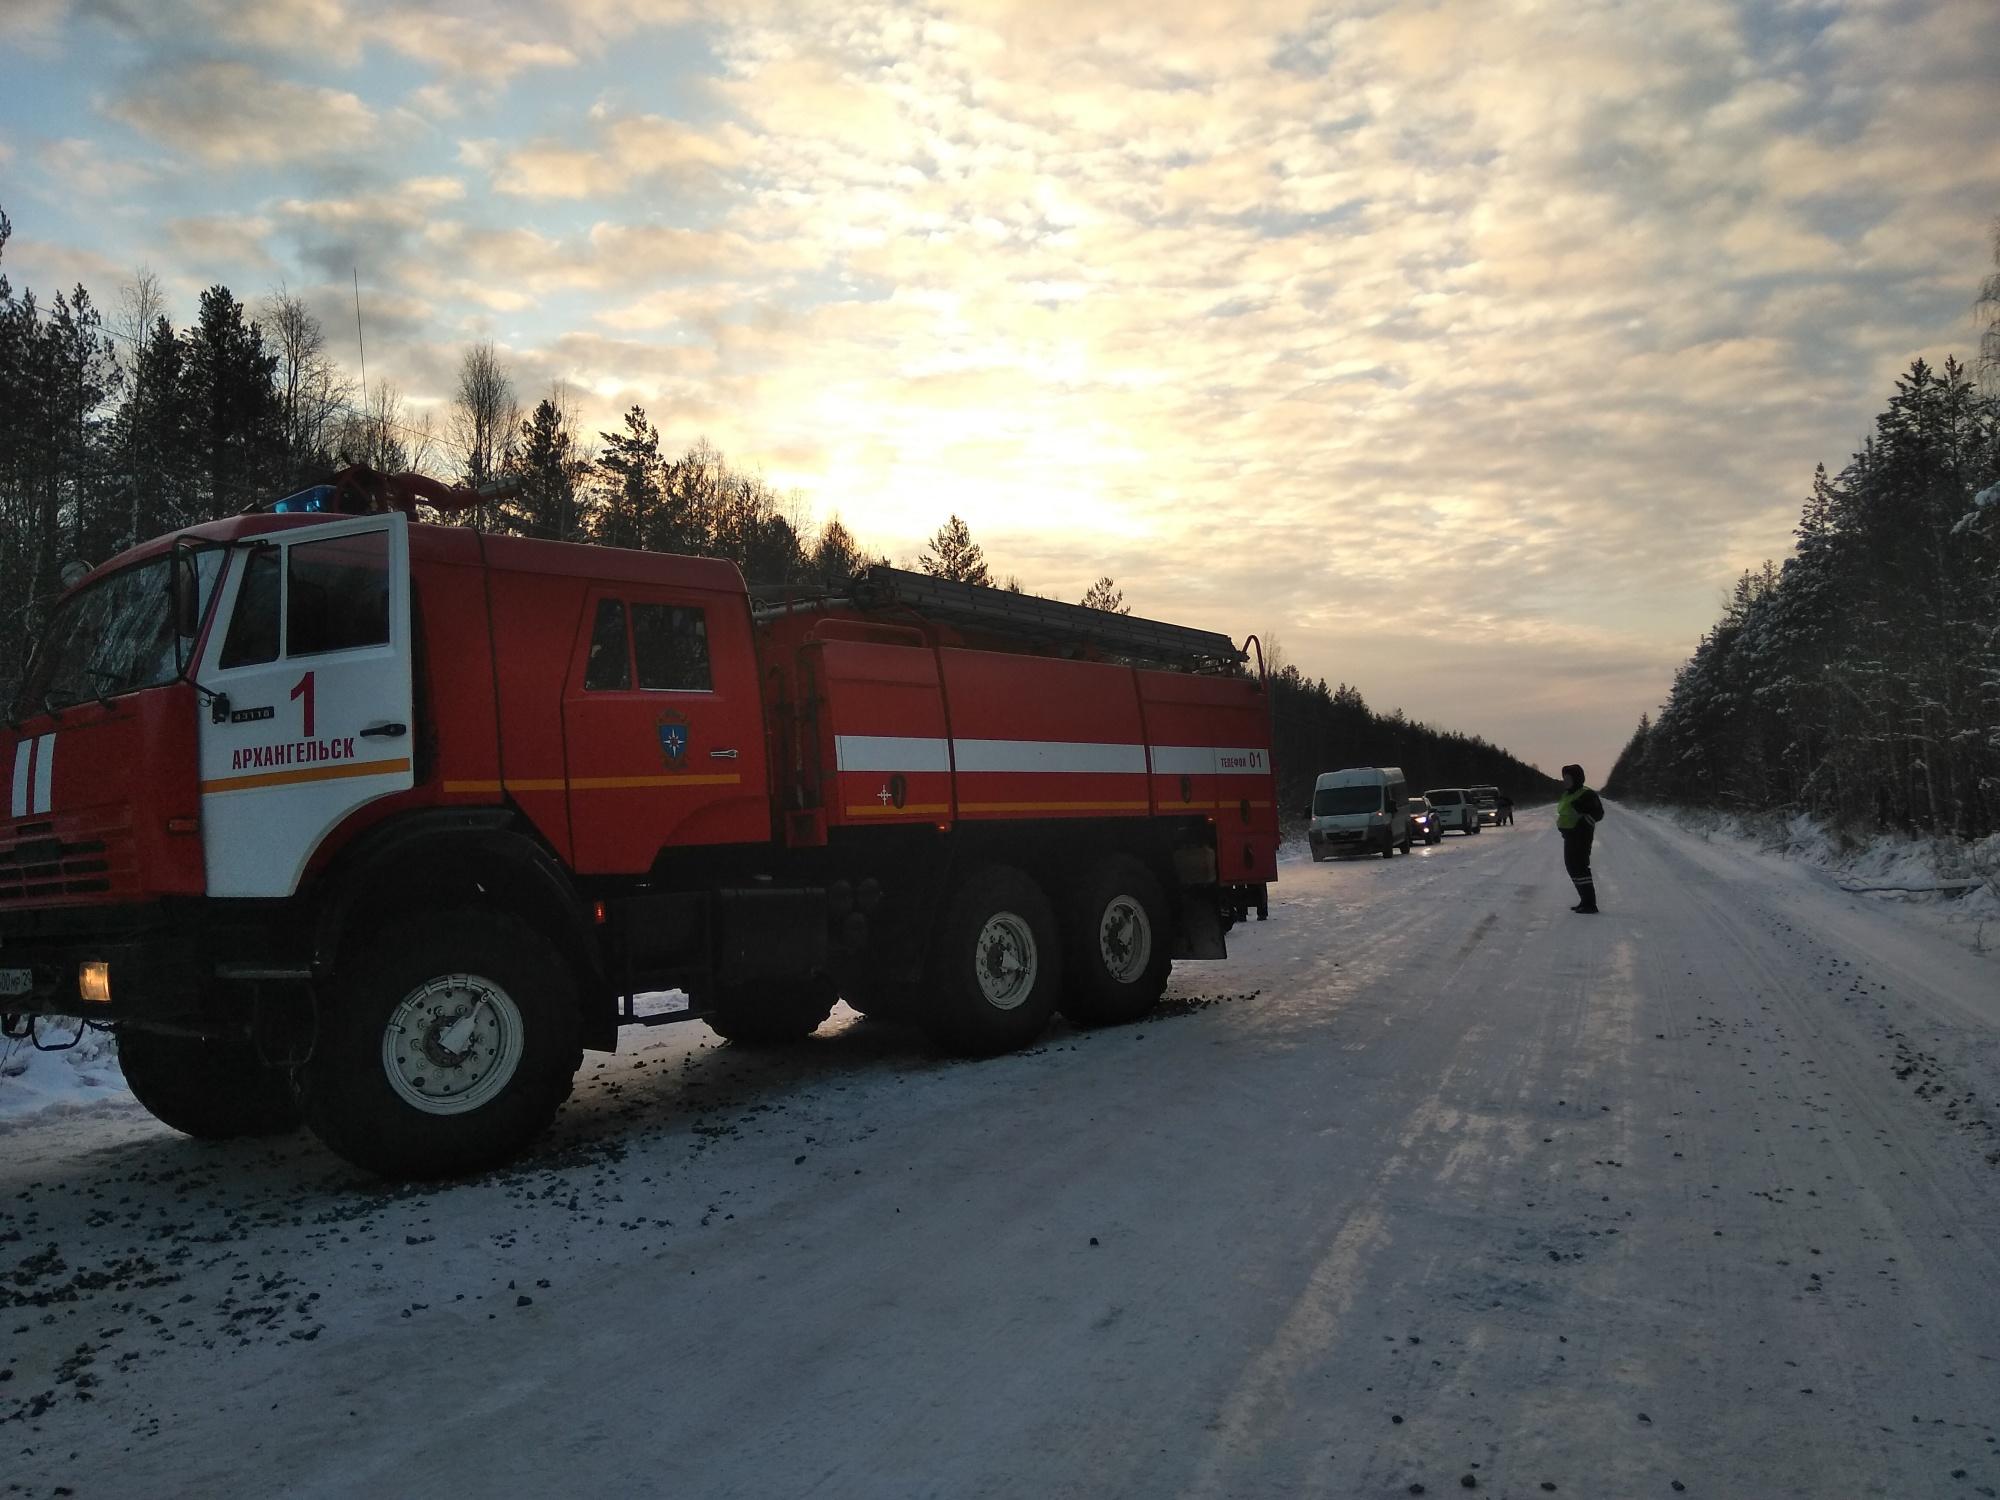 Пожарно-спасательные подразделения приняли участие в ликвидации последствий ДТП в Шенкурском районе Архангельской области